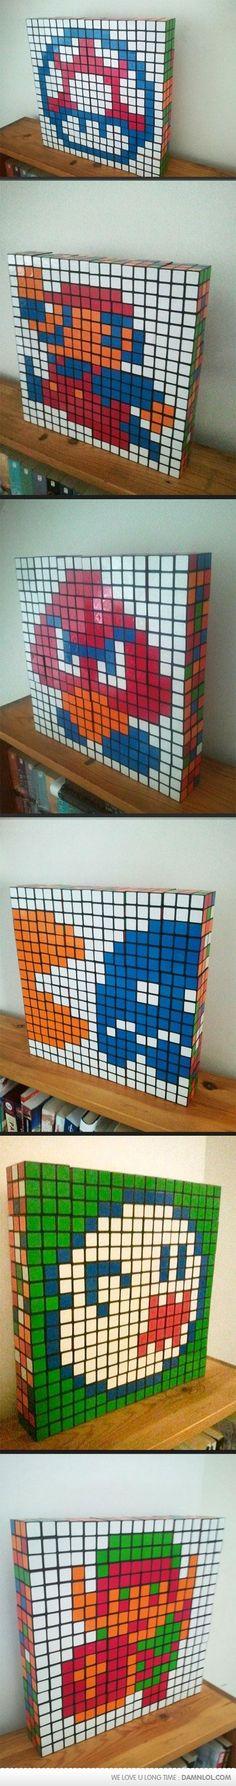 Rubiks Cubism - Damn! LOL